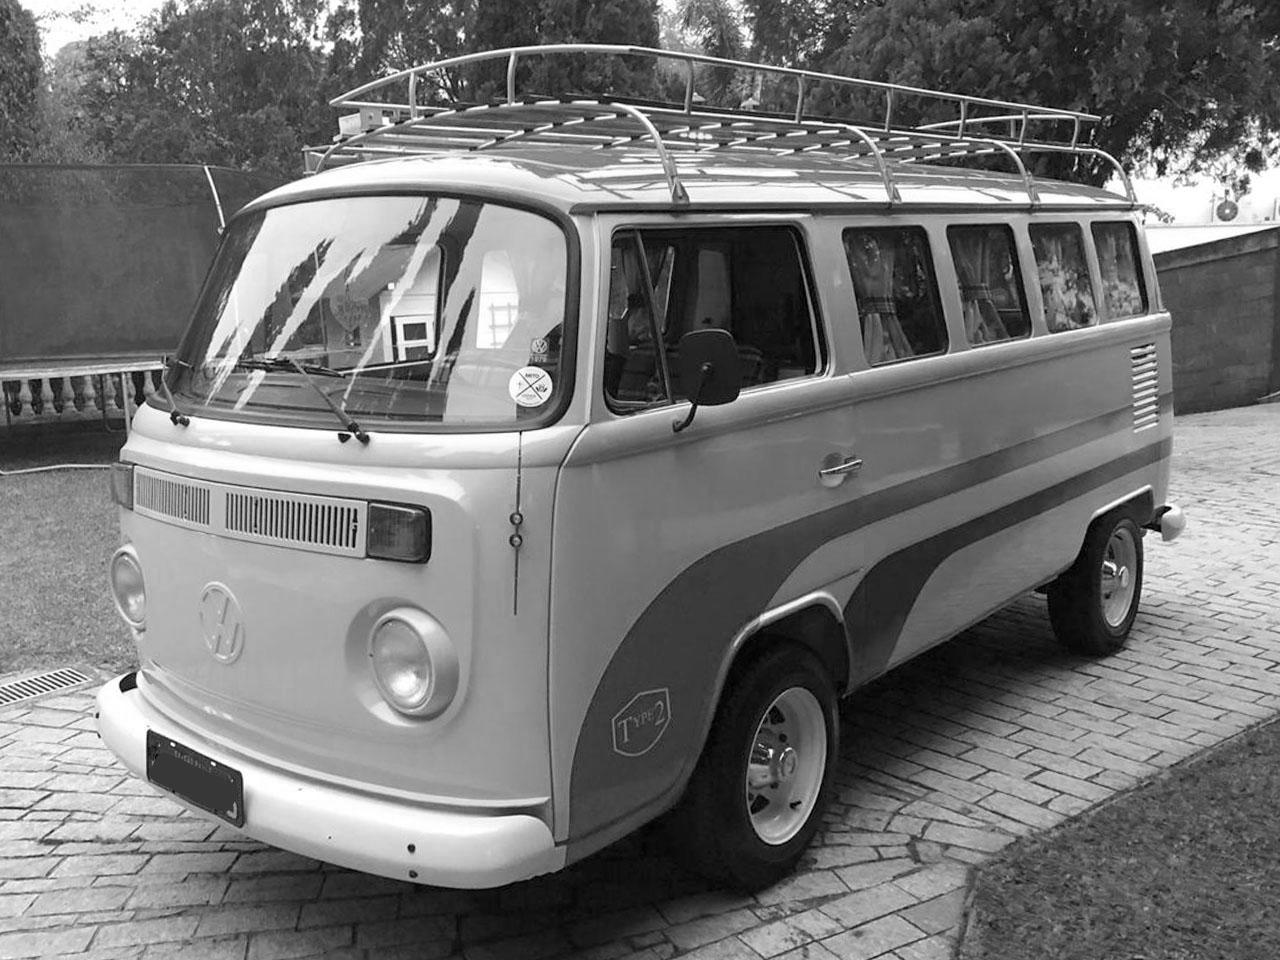 VW Kombi Camper Bege e Vermelha 1979 – Tema Romântico